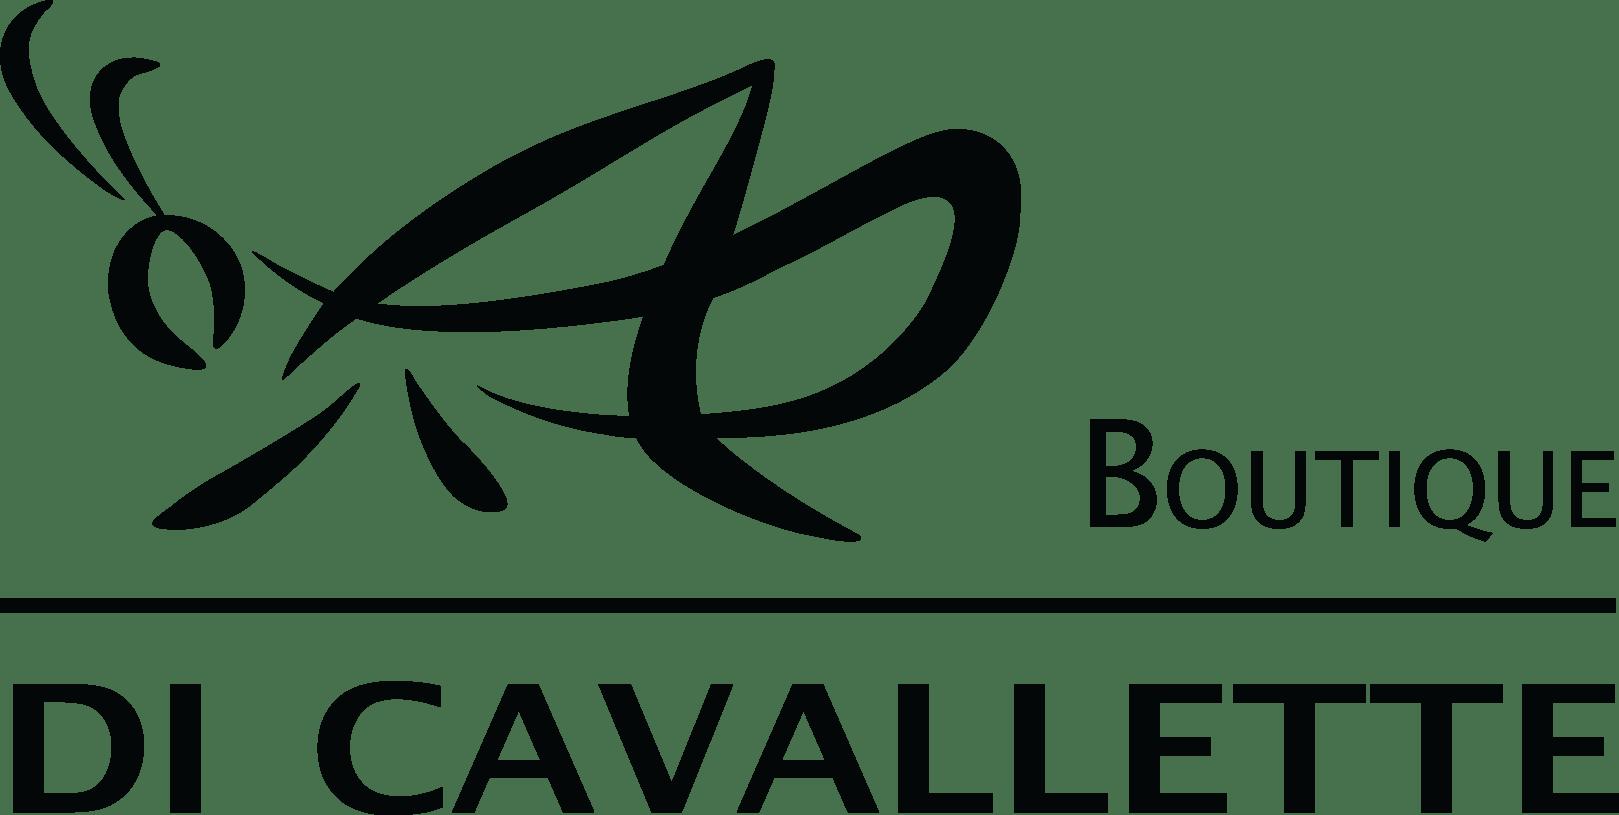 Boutique Di Cavallette